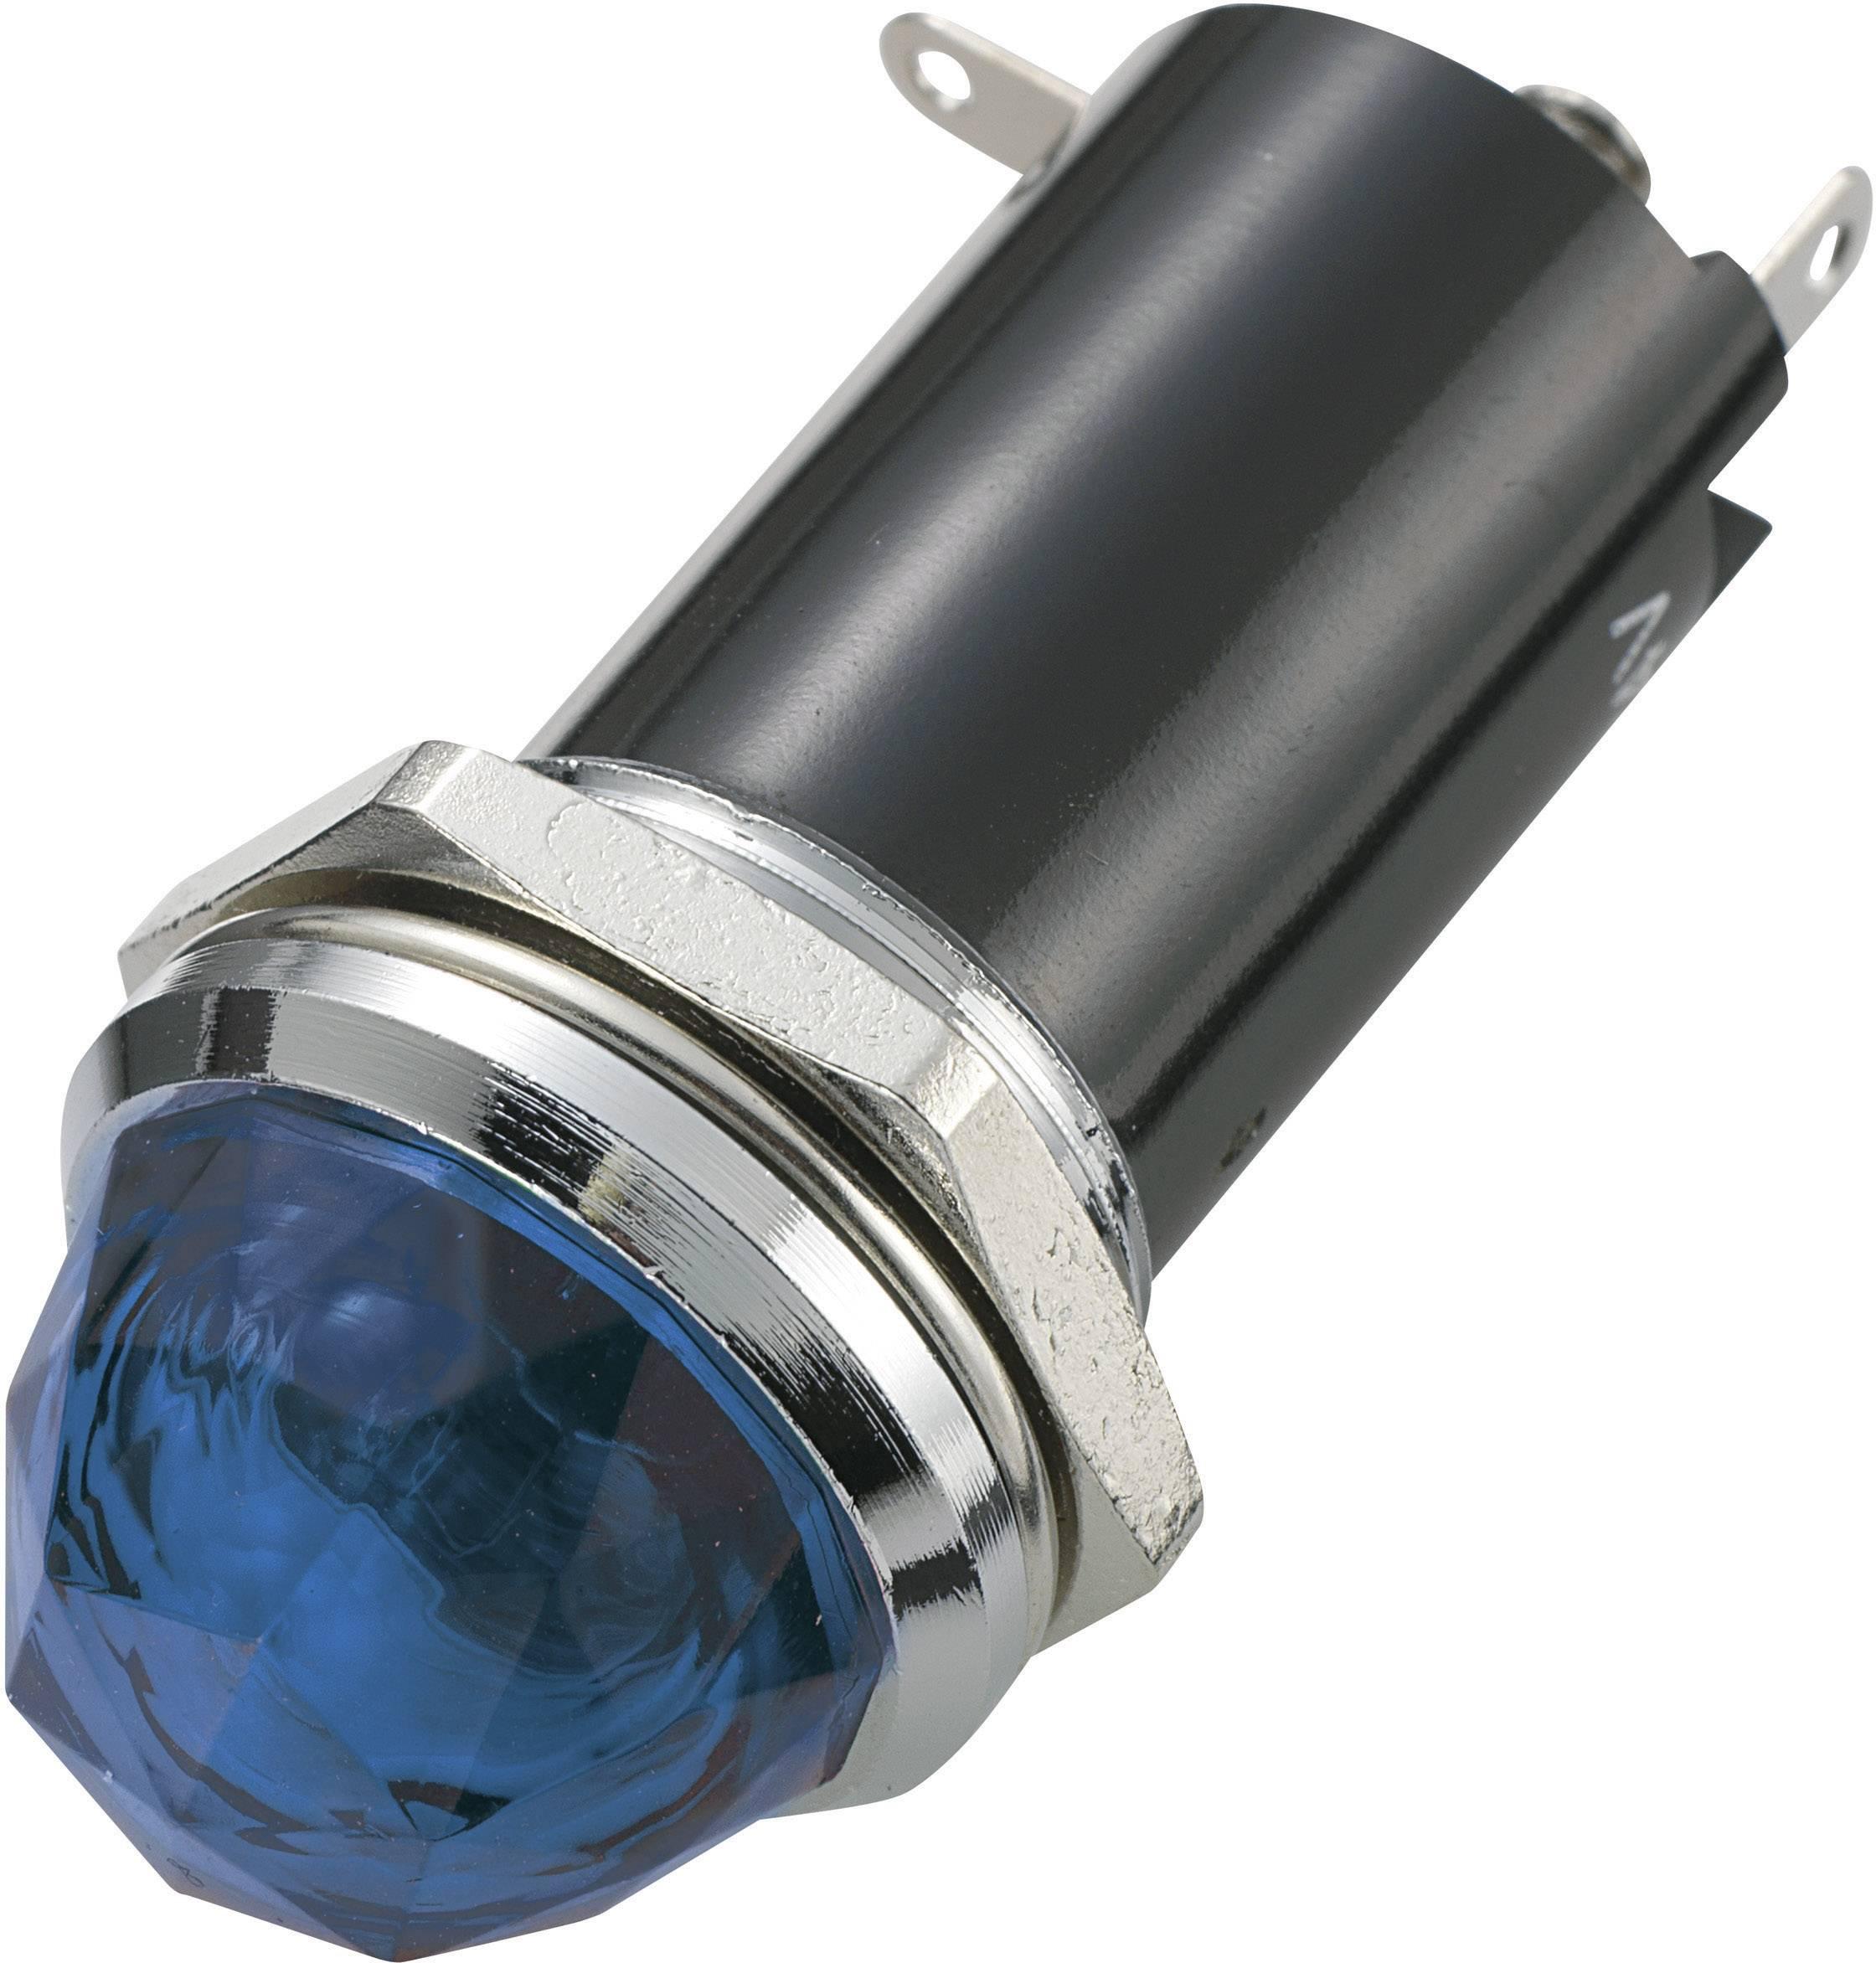 Signalizační světlo SCI, 24 V/DC, 16,2 mm, kulaté, modré